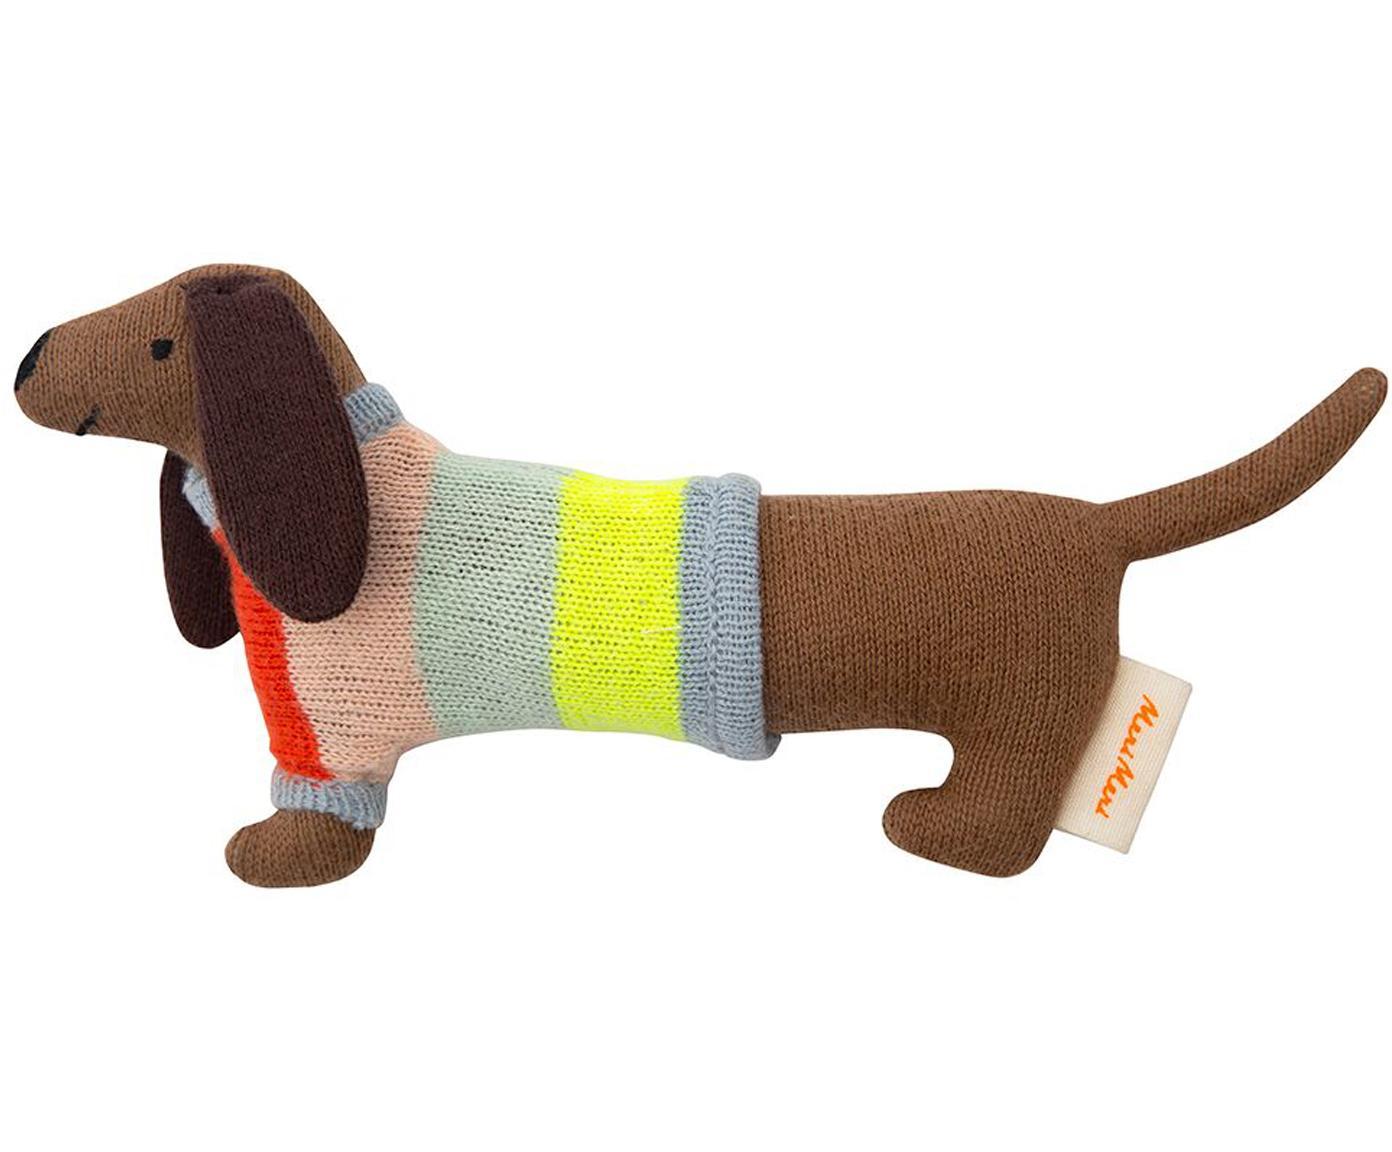 Peluche bassotto in cotone organico Sausage Dog, Cotone organico, Marrone, multicolore, Larg. 19 x Alt. 8 cm